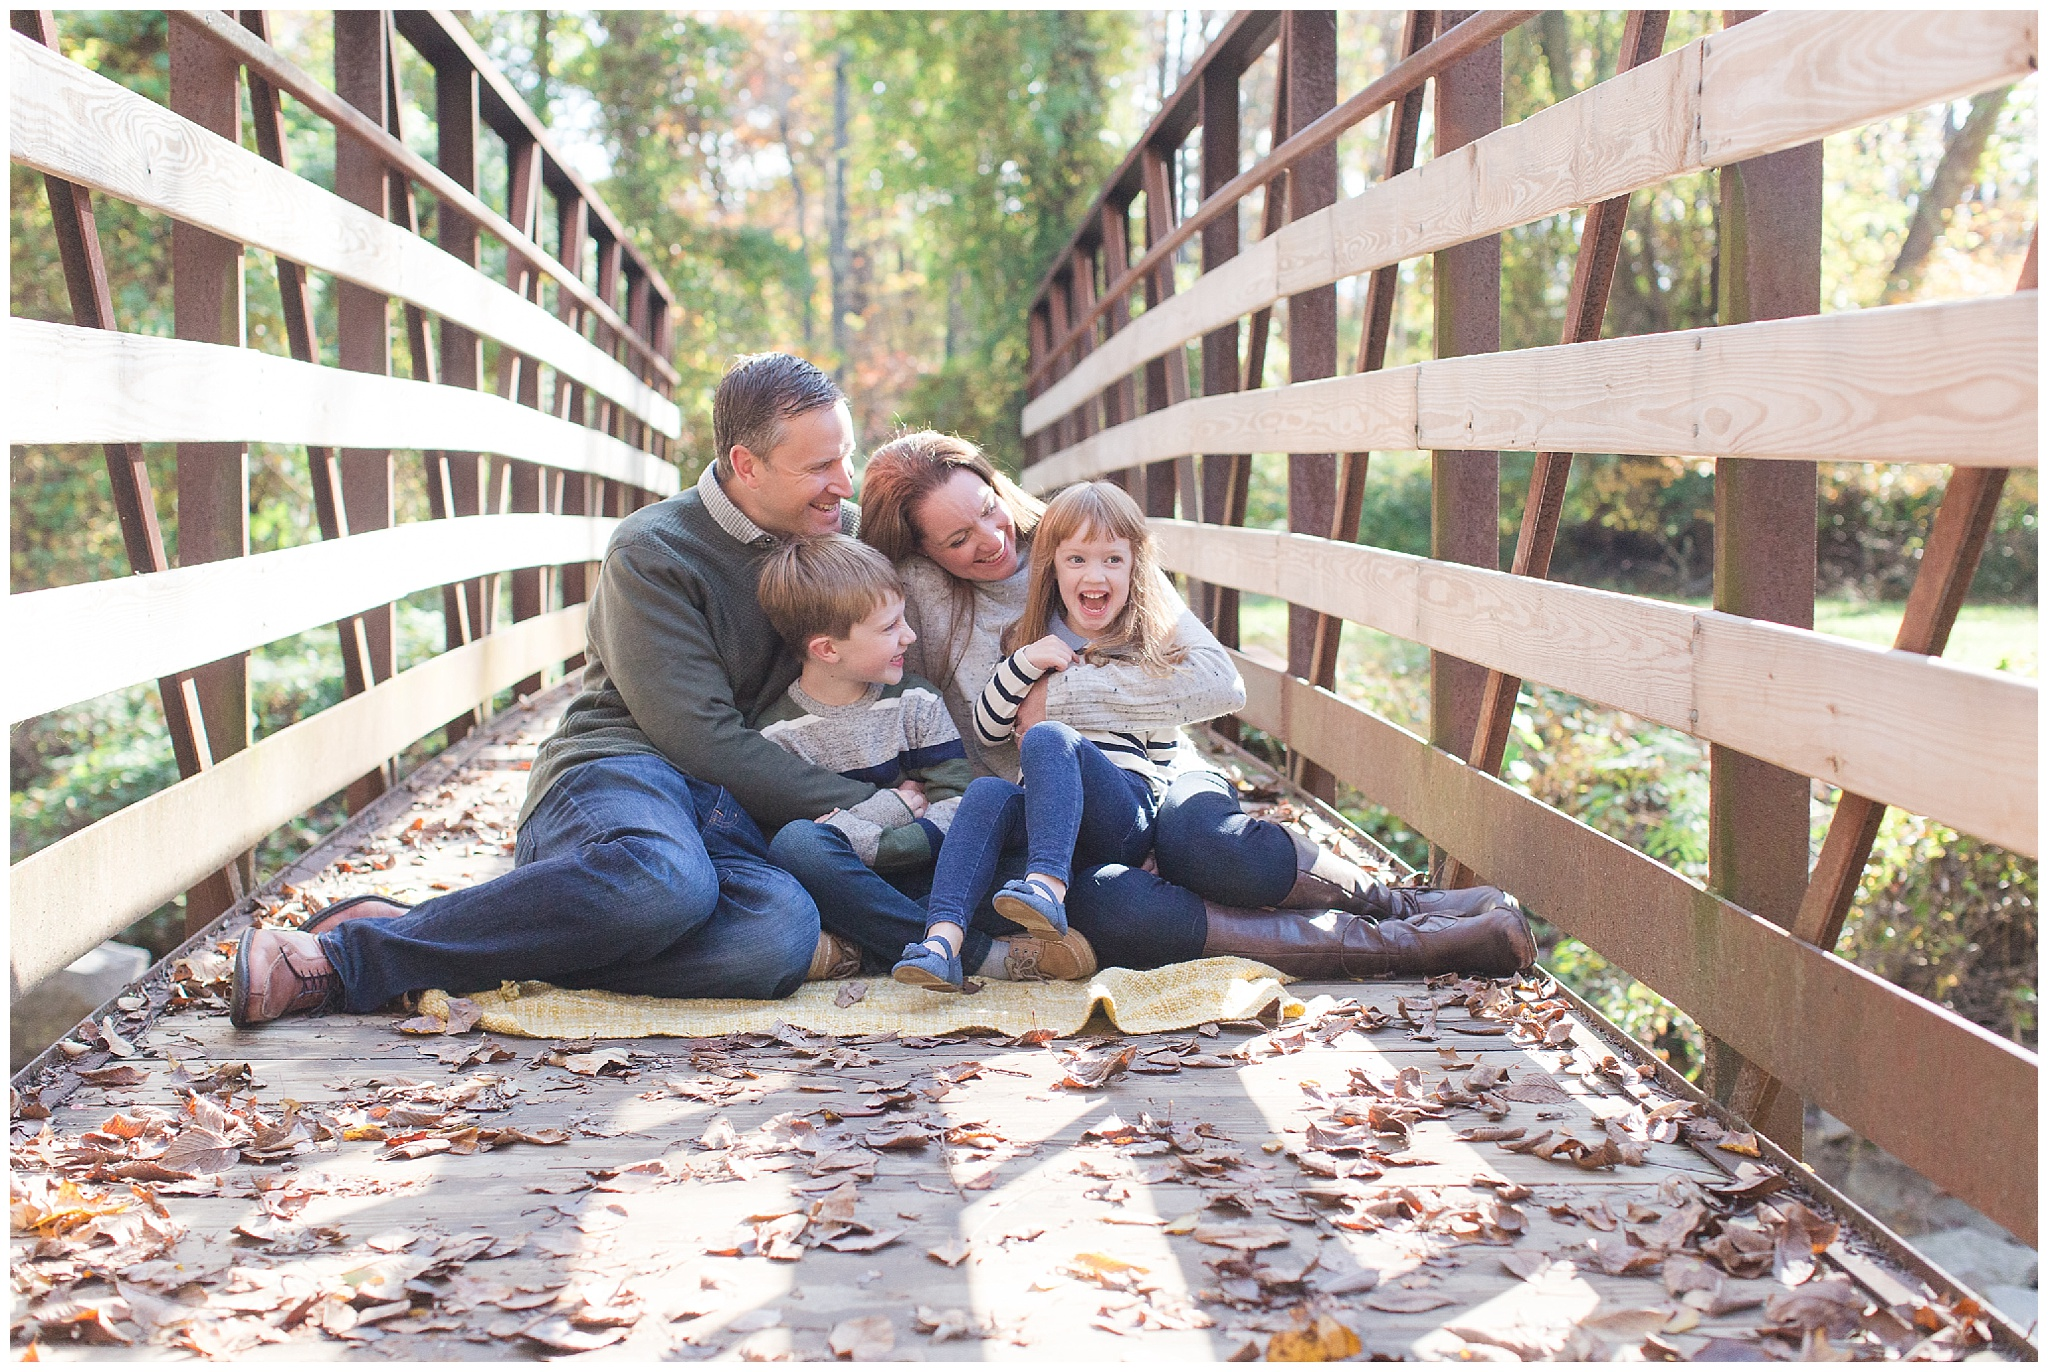 Holleran_familyphotos_0022.jpg